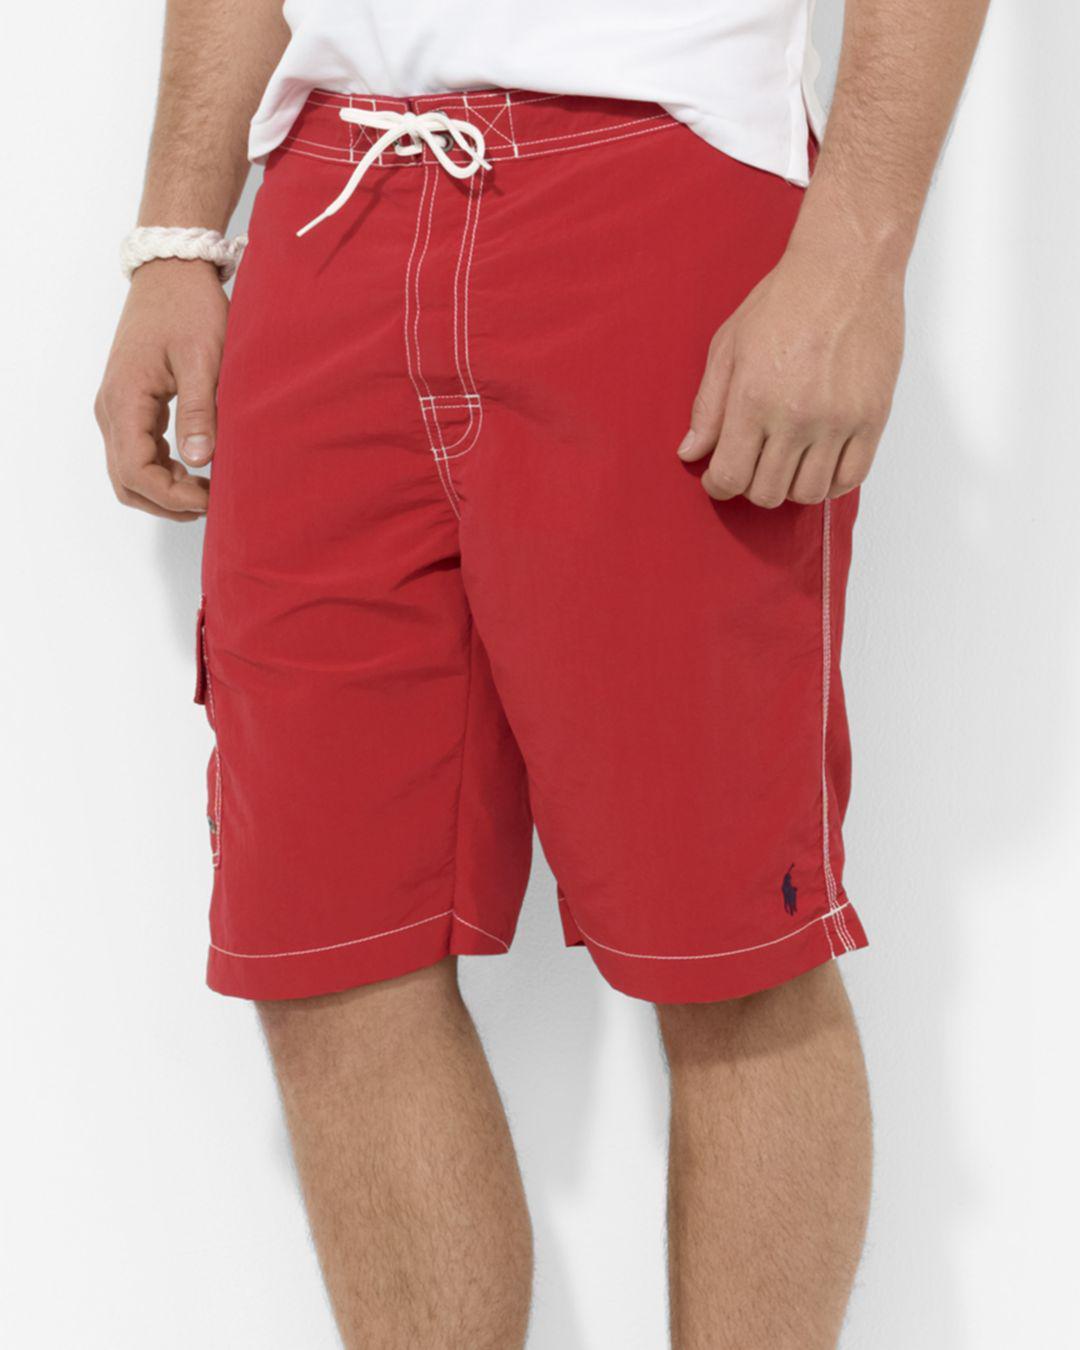 0c489dc4fd0f8 Polo Ralph Lauren Kailua Swim Trunks in Red for Men - Lyst